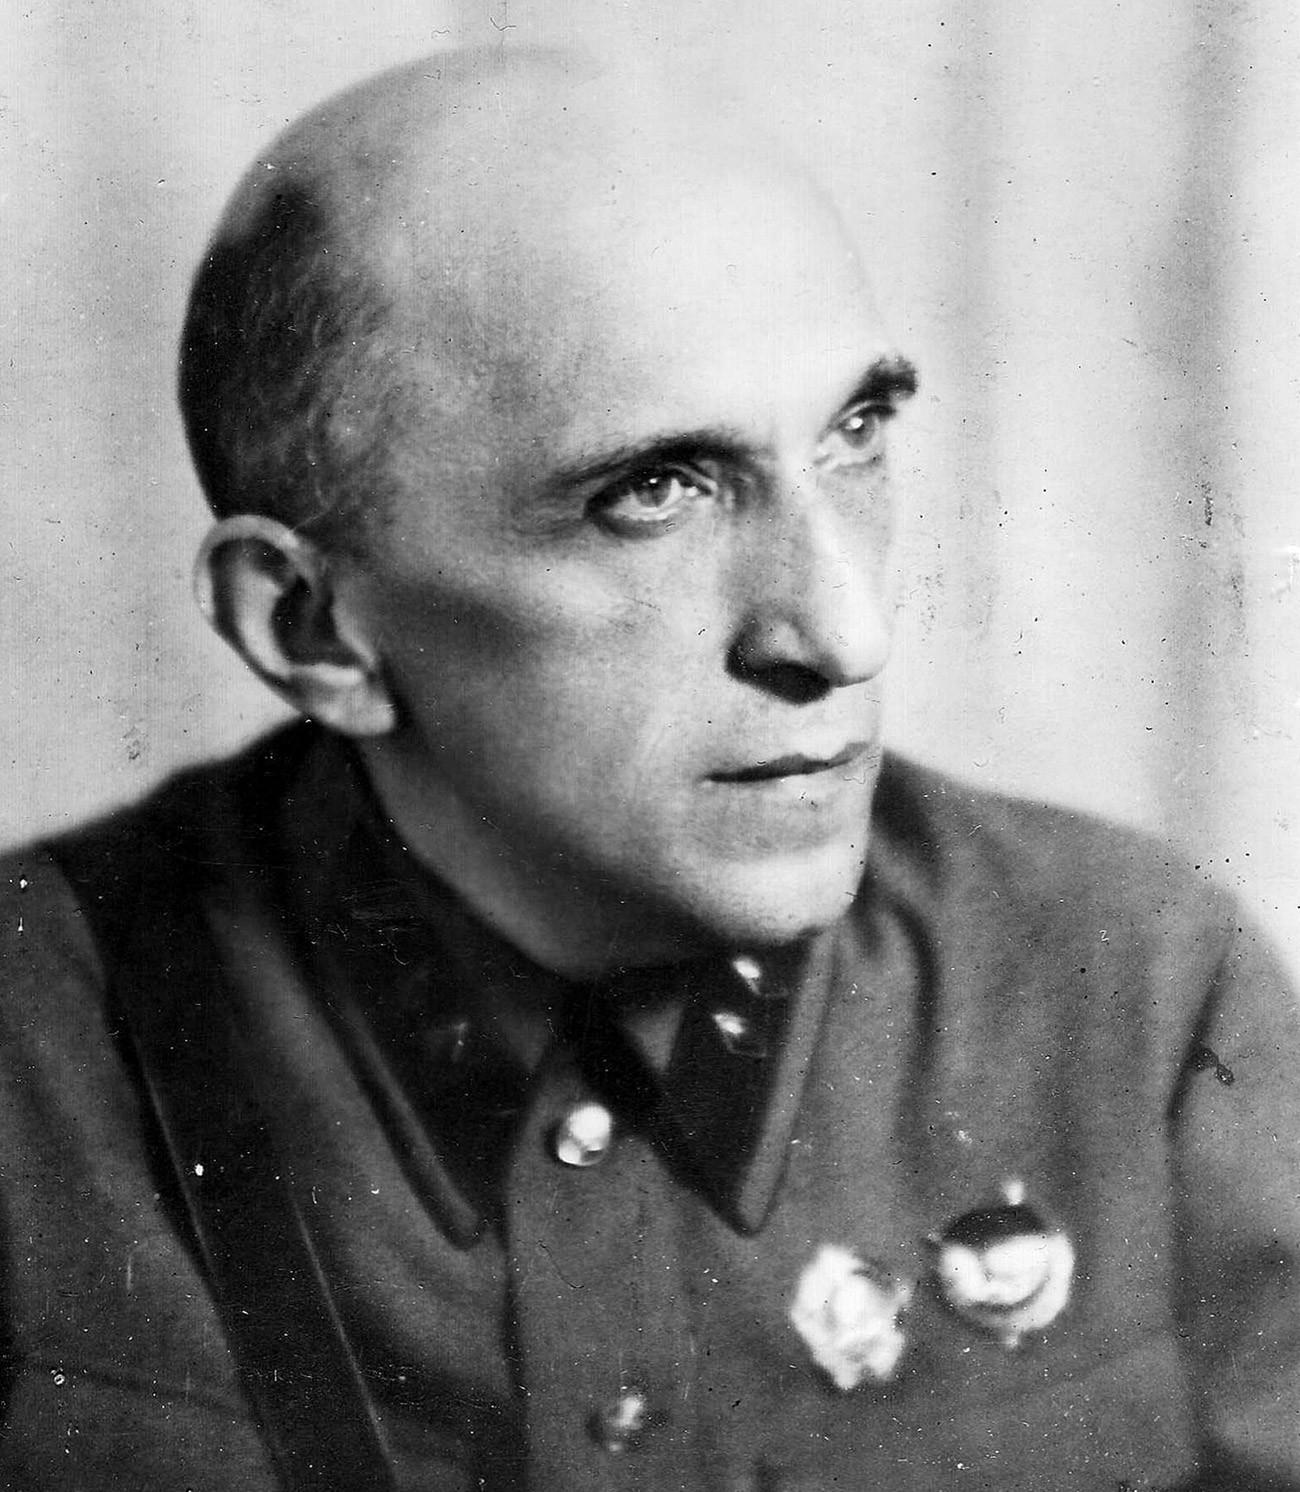 ヤーコフ・セレブリャンスキー、1941年の写真